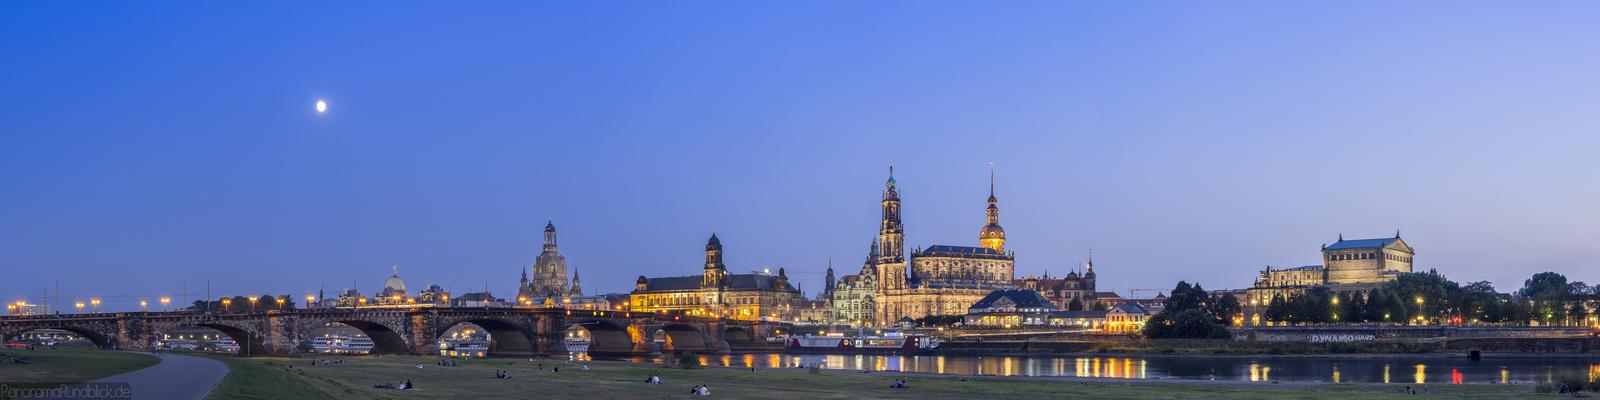 Dresden Canaletto Blick vom Elbufer